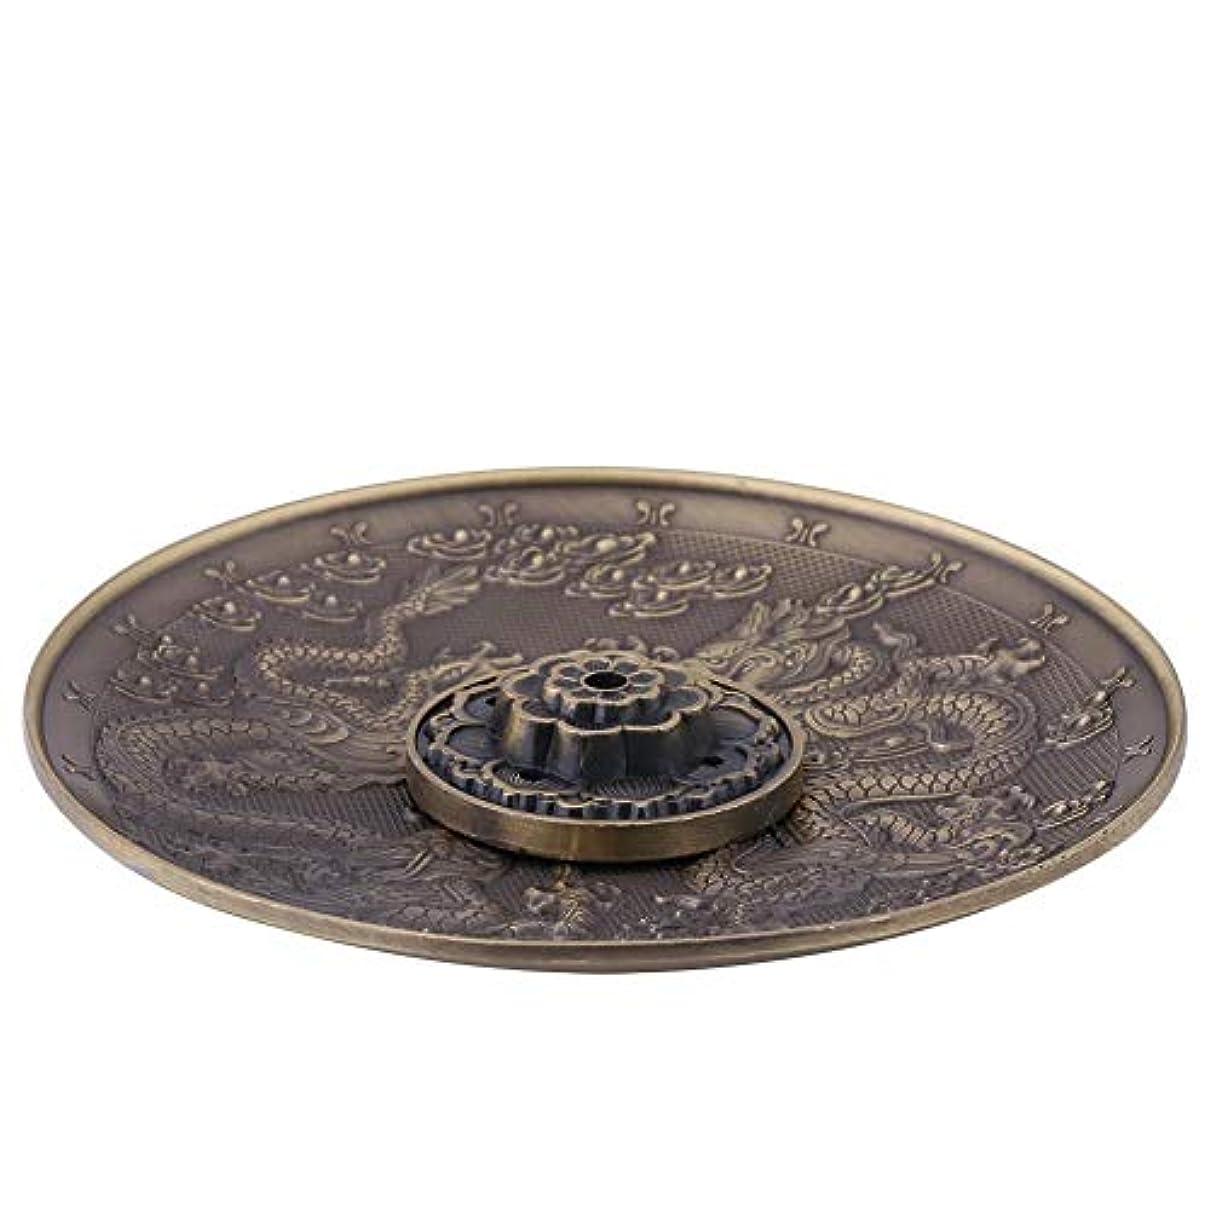 転送ホールドオールローラー金属バーナーホルダー5穴亜鉛合金の香りバーナーホルダー 寝室の寺院の装飾 ドラゴンパターンの香炉プレート(#2)